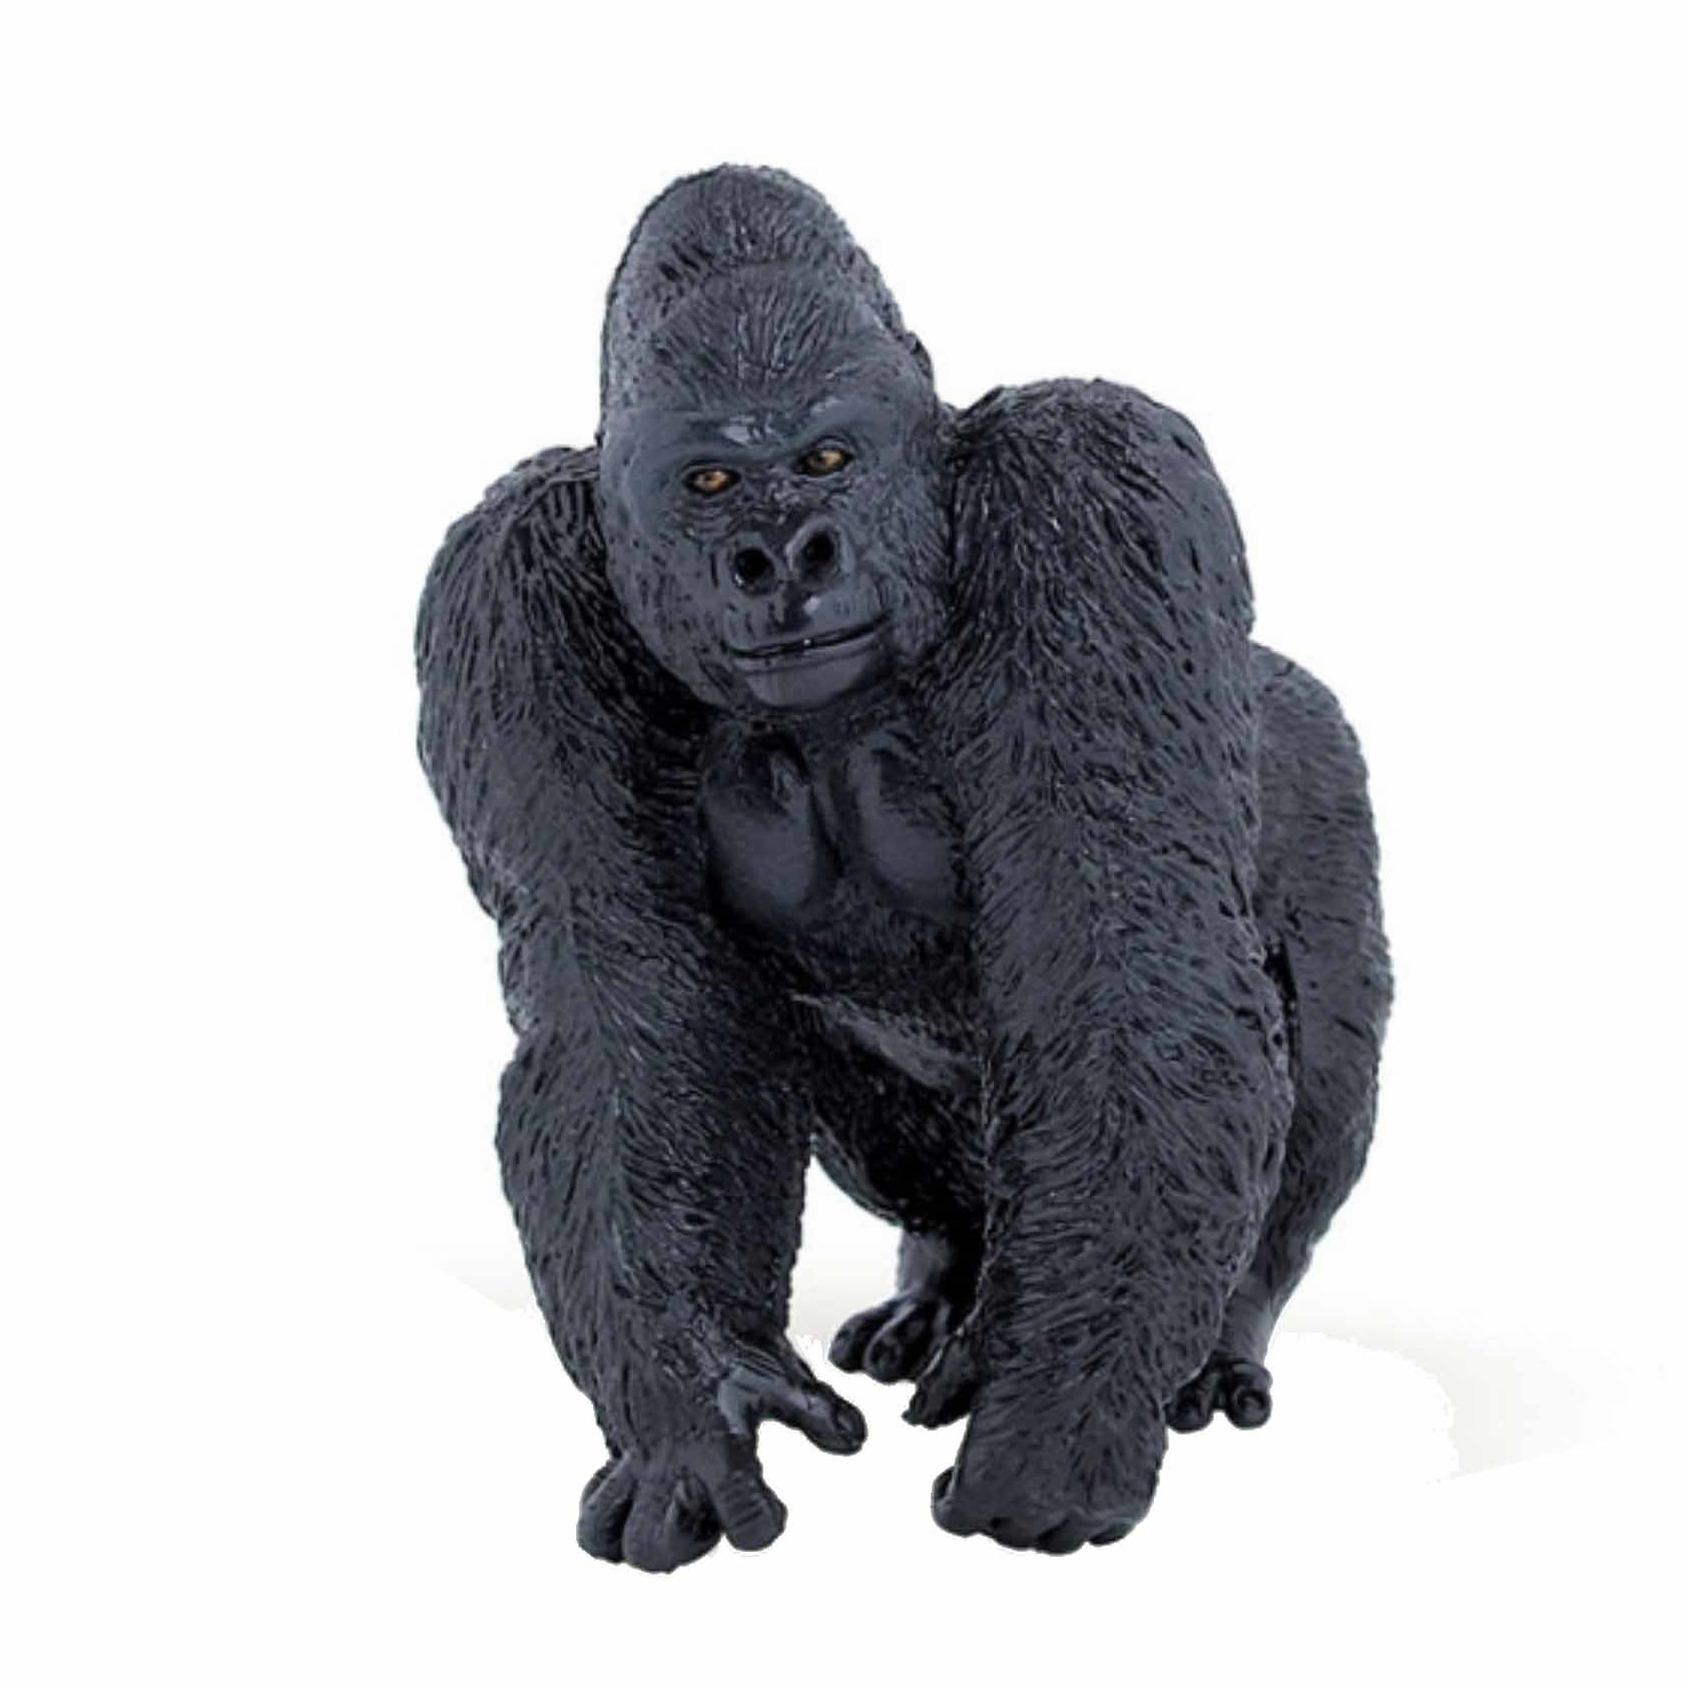 Gorilla speeldiertje 5 cm